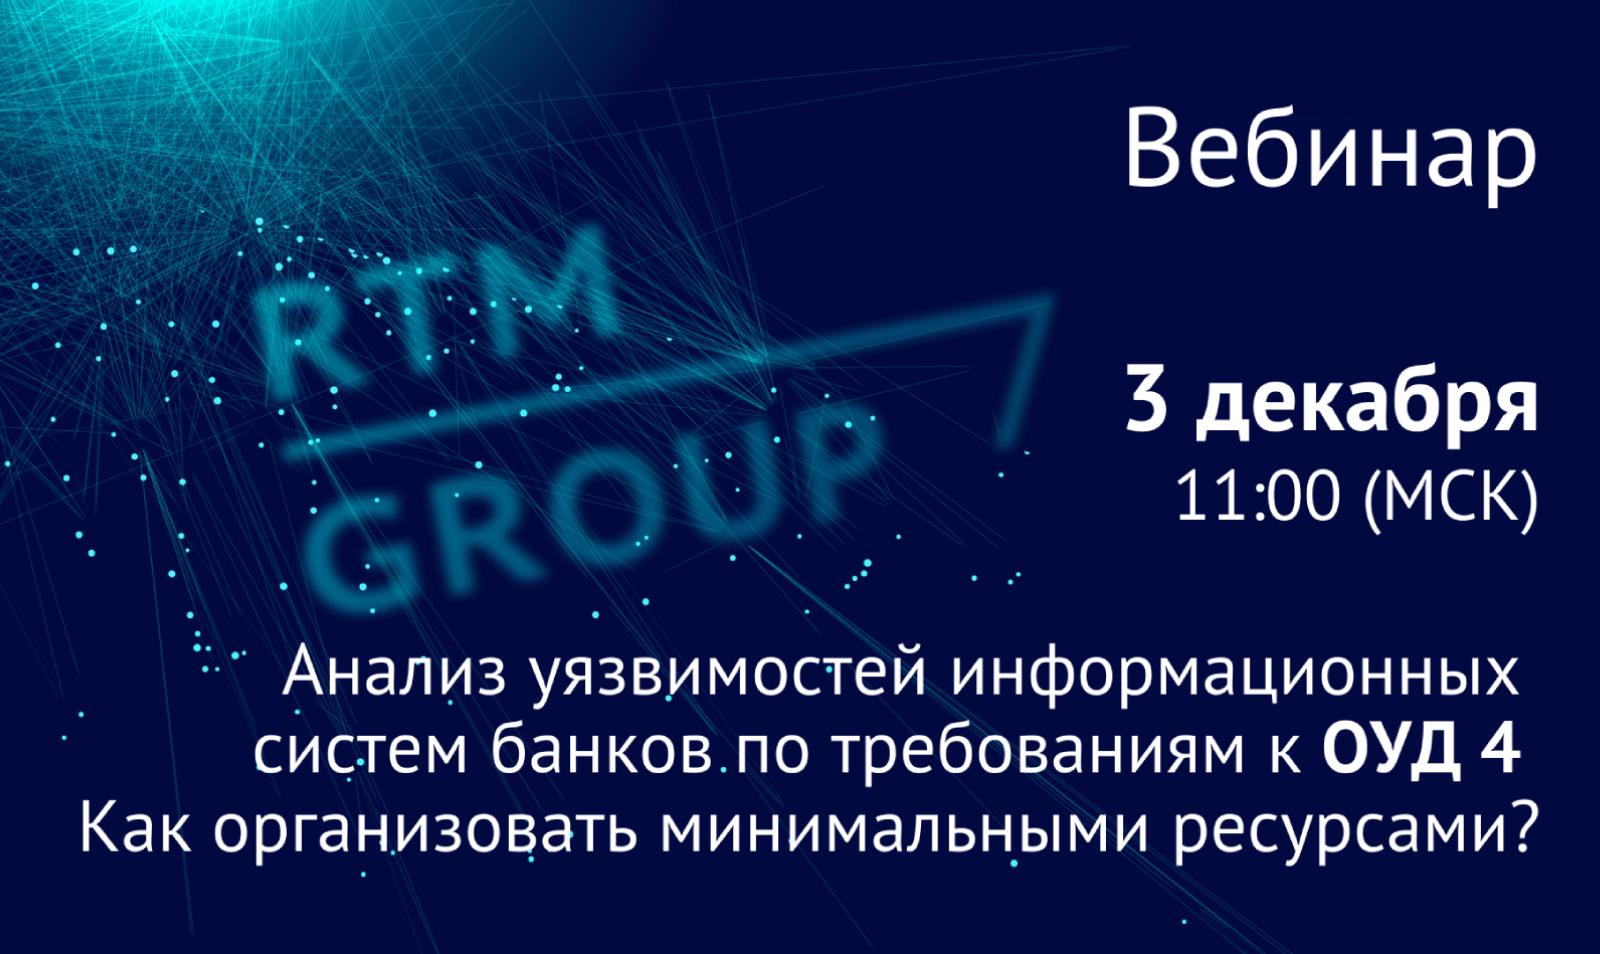 Совместный вебинар компаний RTM Group и SafeTech: «Как организовать ОУД 4 минимальными ресурсами?»